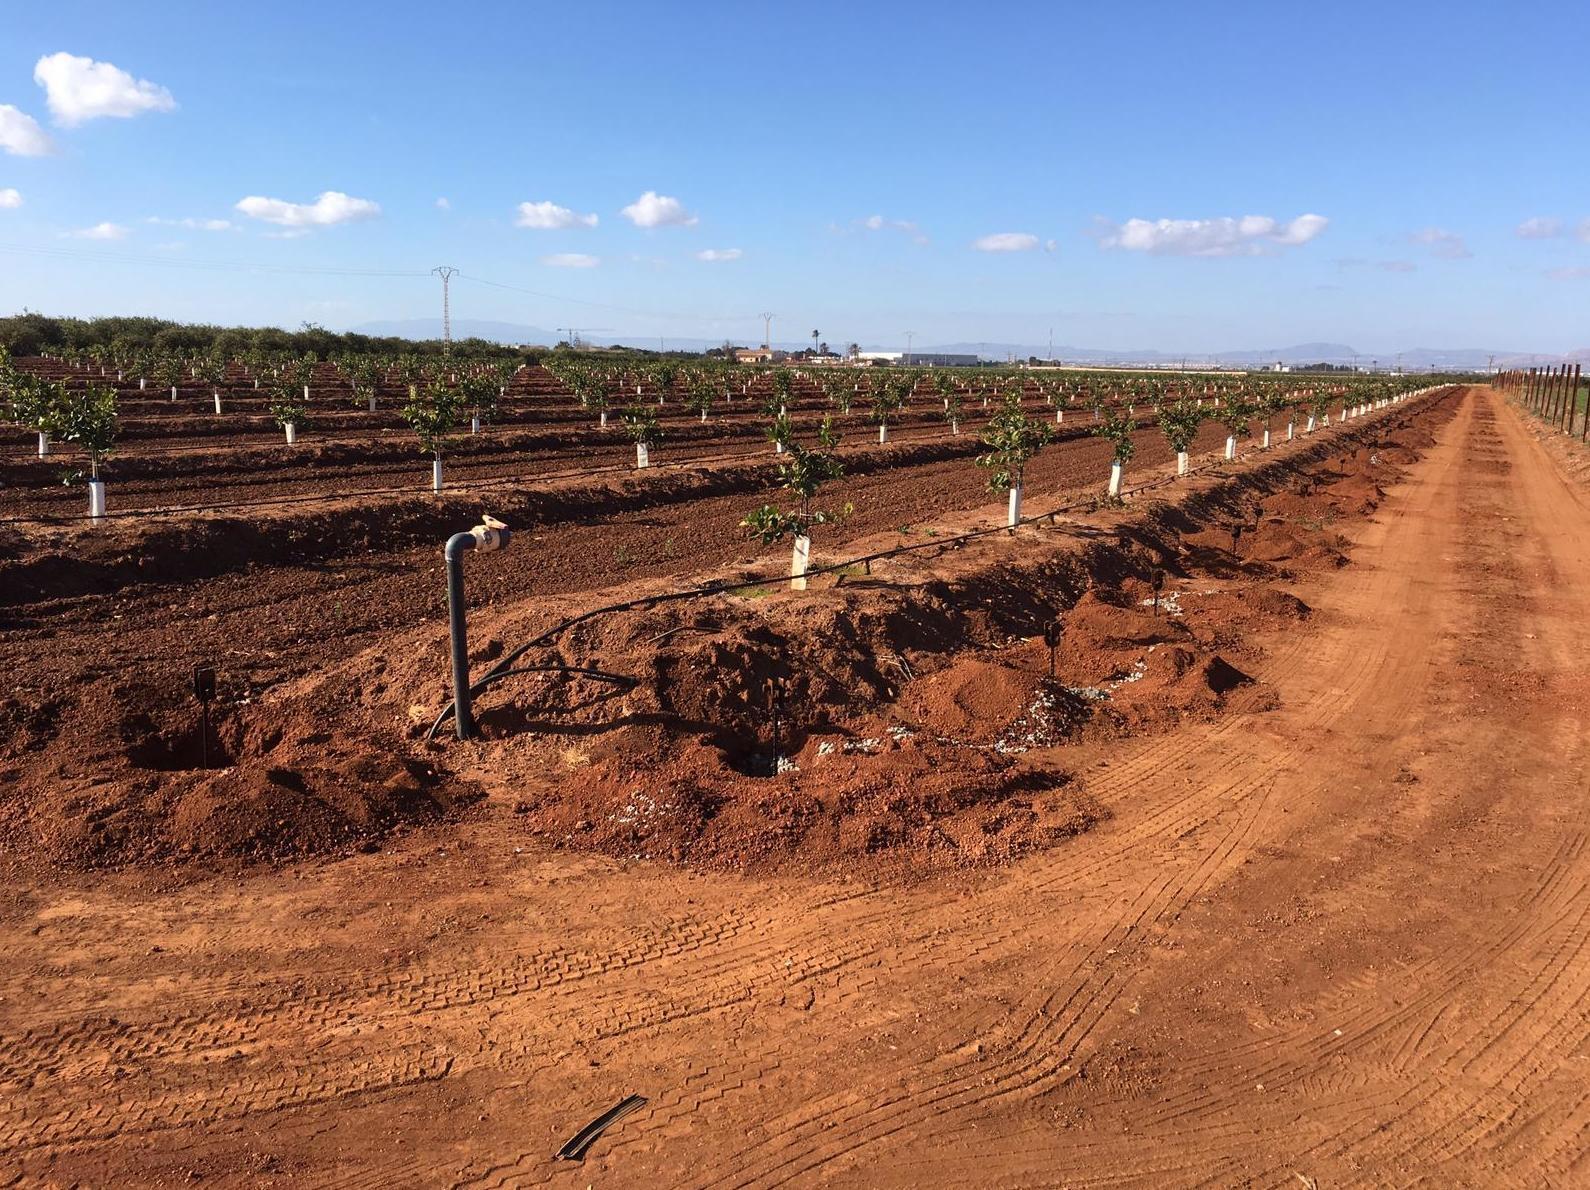 Foto 1 de Infraestructuras y trabajos agrícolas en La Murada – Orihuela | Mantenimiento y Estructuras Agrícolas Mateo e Hijo, S.L.